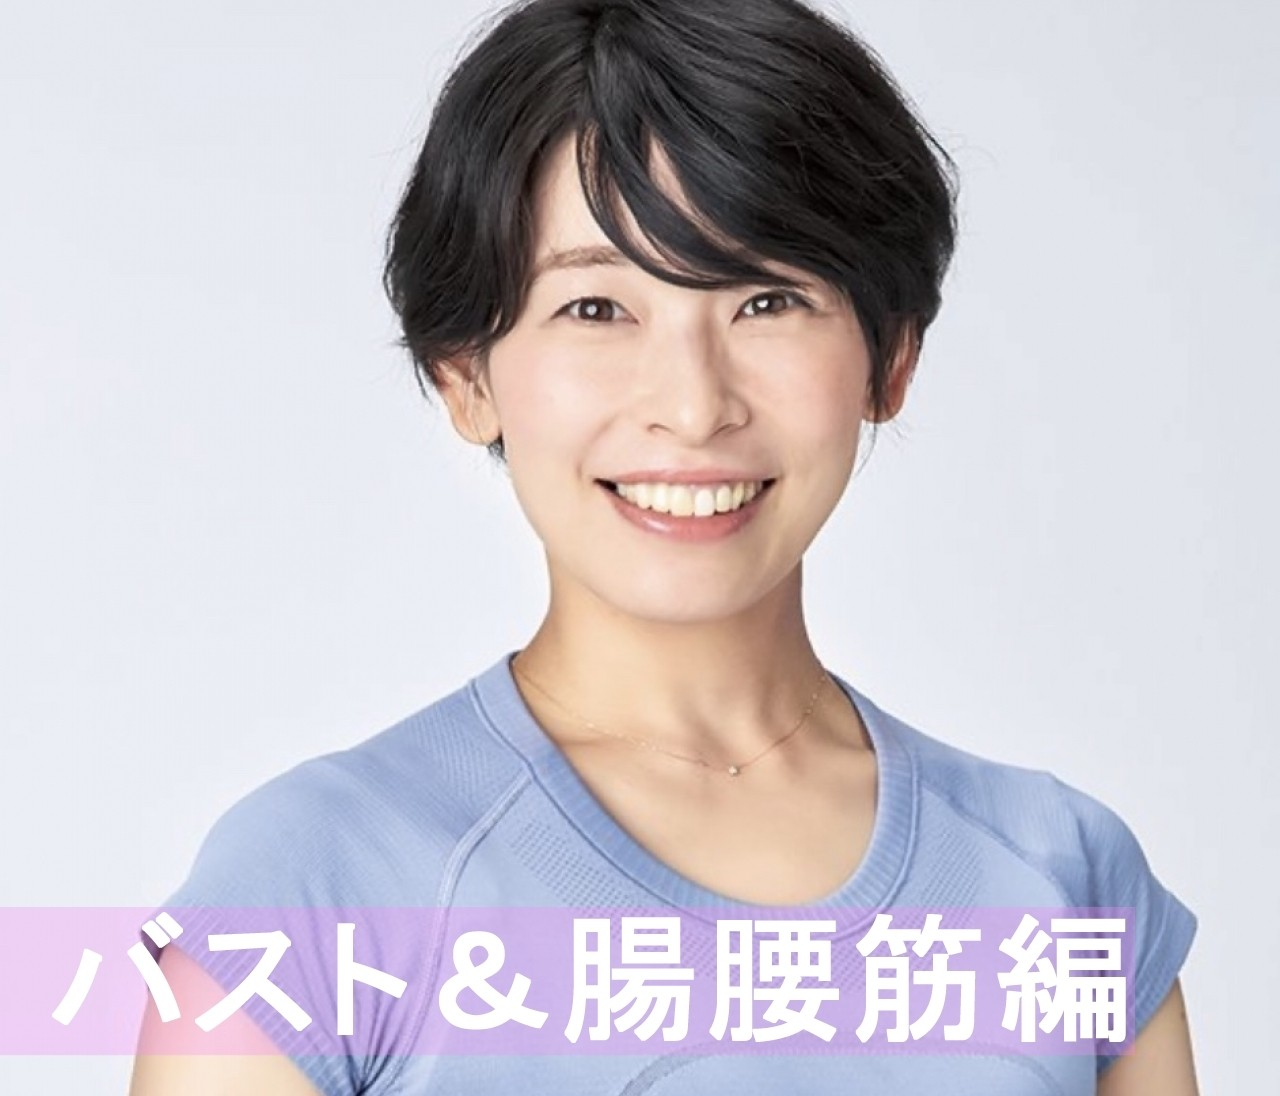 美ボディを作る<おうちマッサージ>を星野由香さんが伝授!【バスト&腸腰筋編】